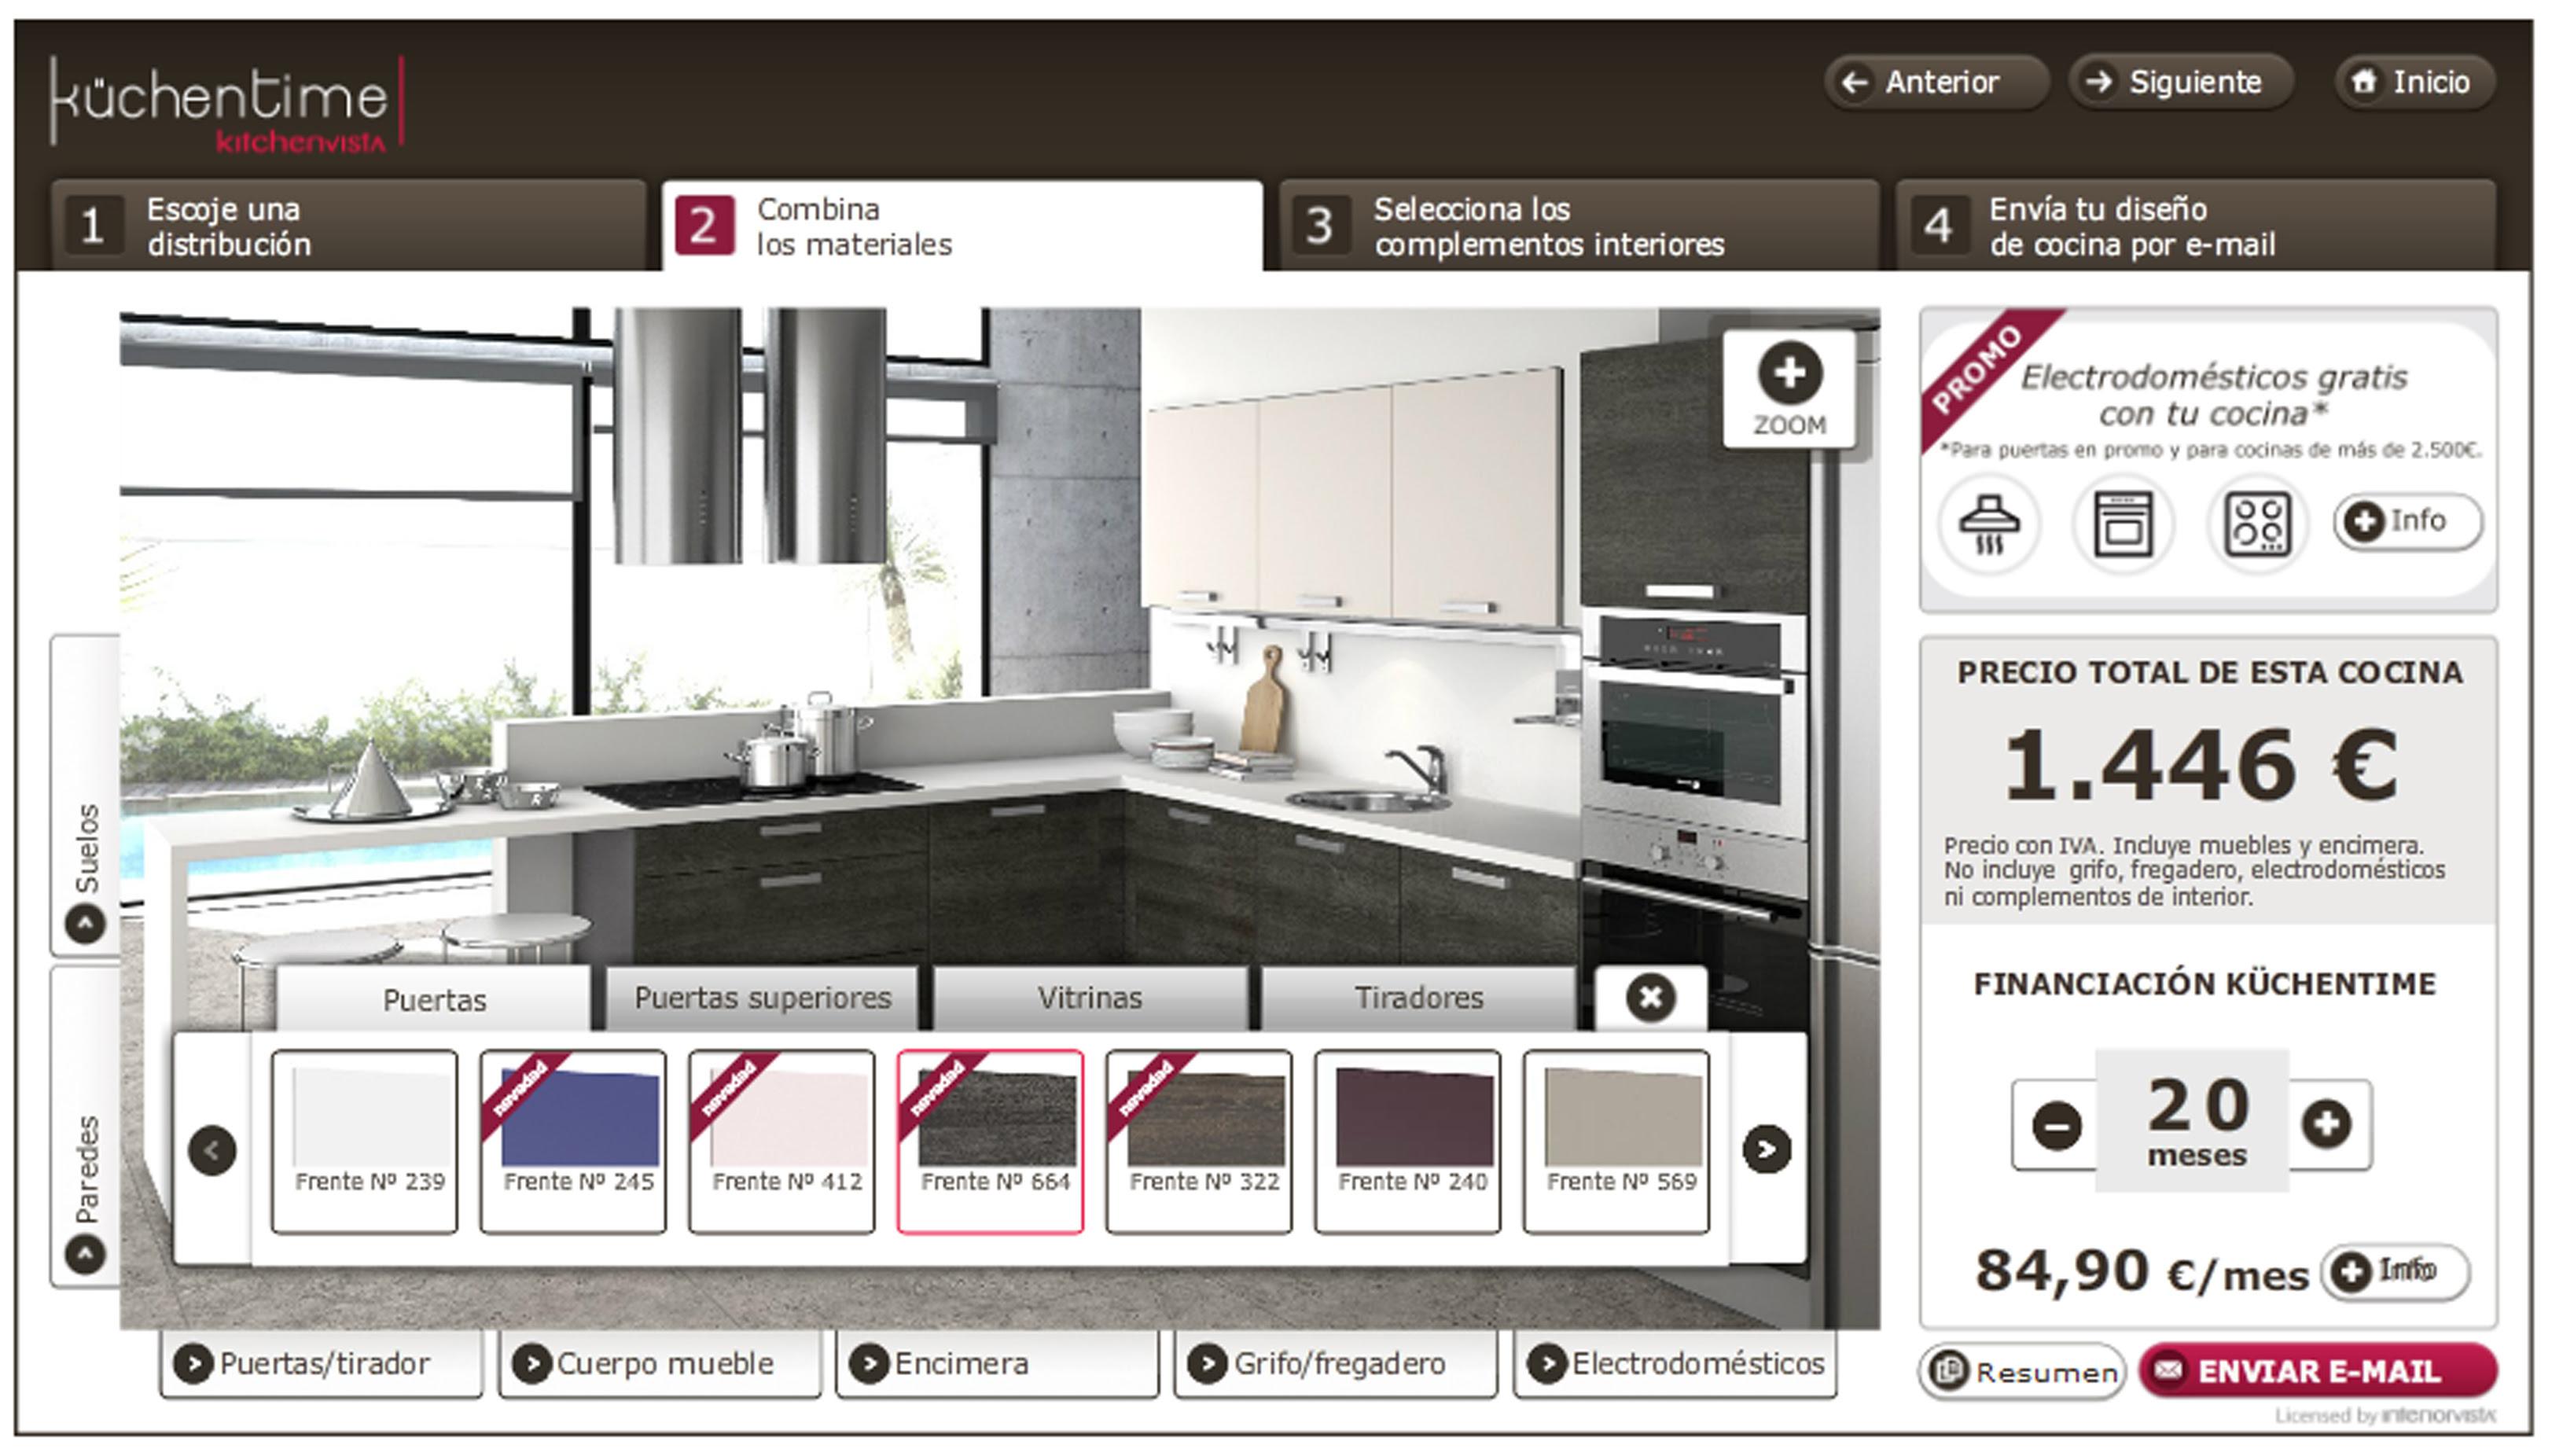 dise ar cocinas en 3d gratis online casa dise o On disenar cocinas online gratis 3d